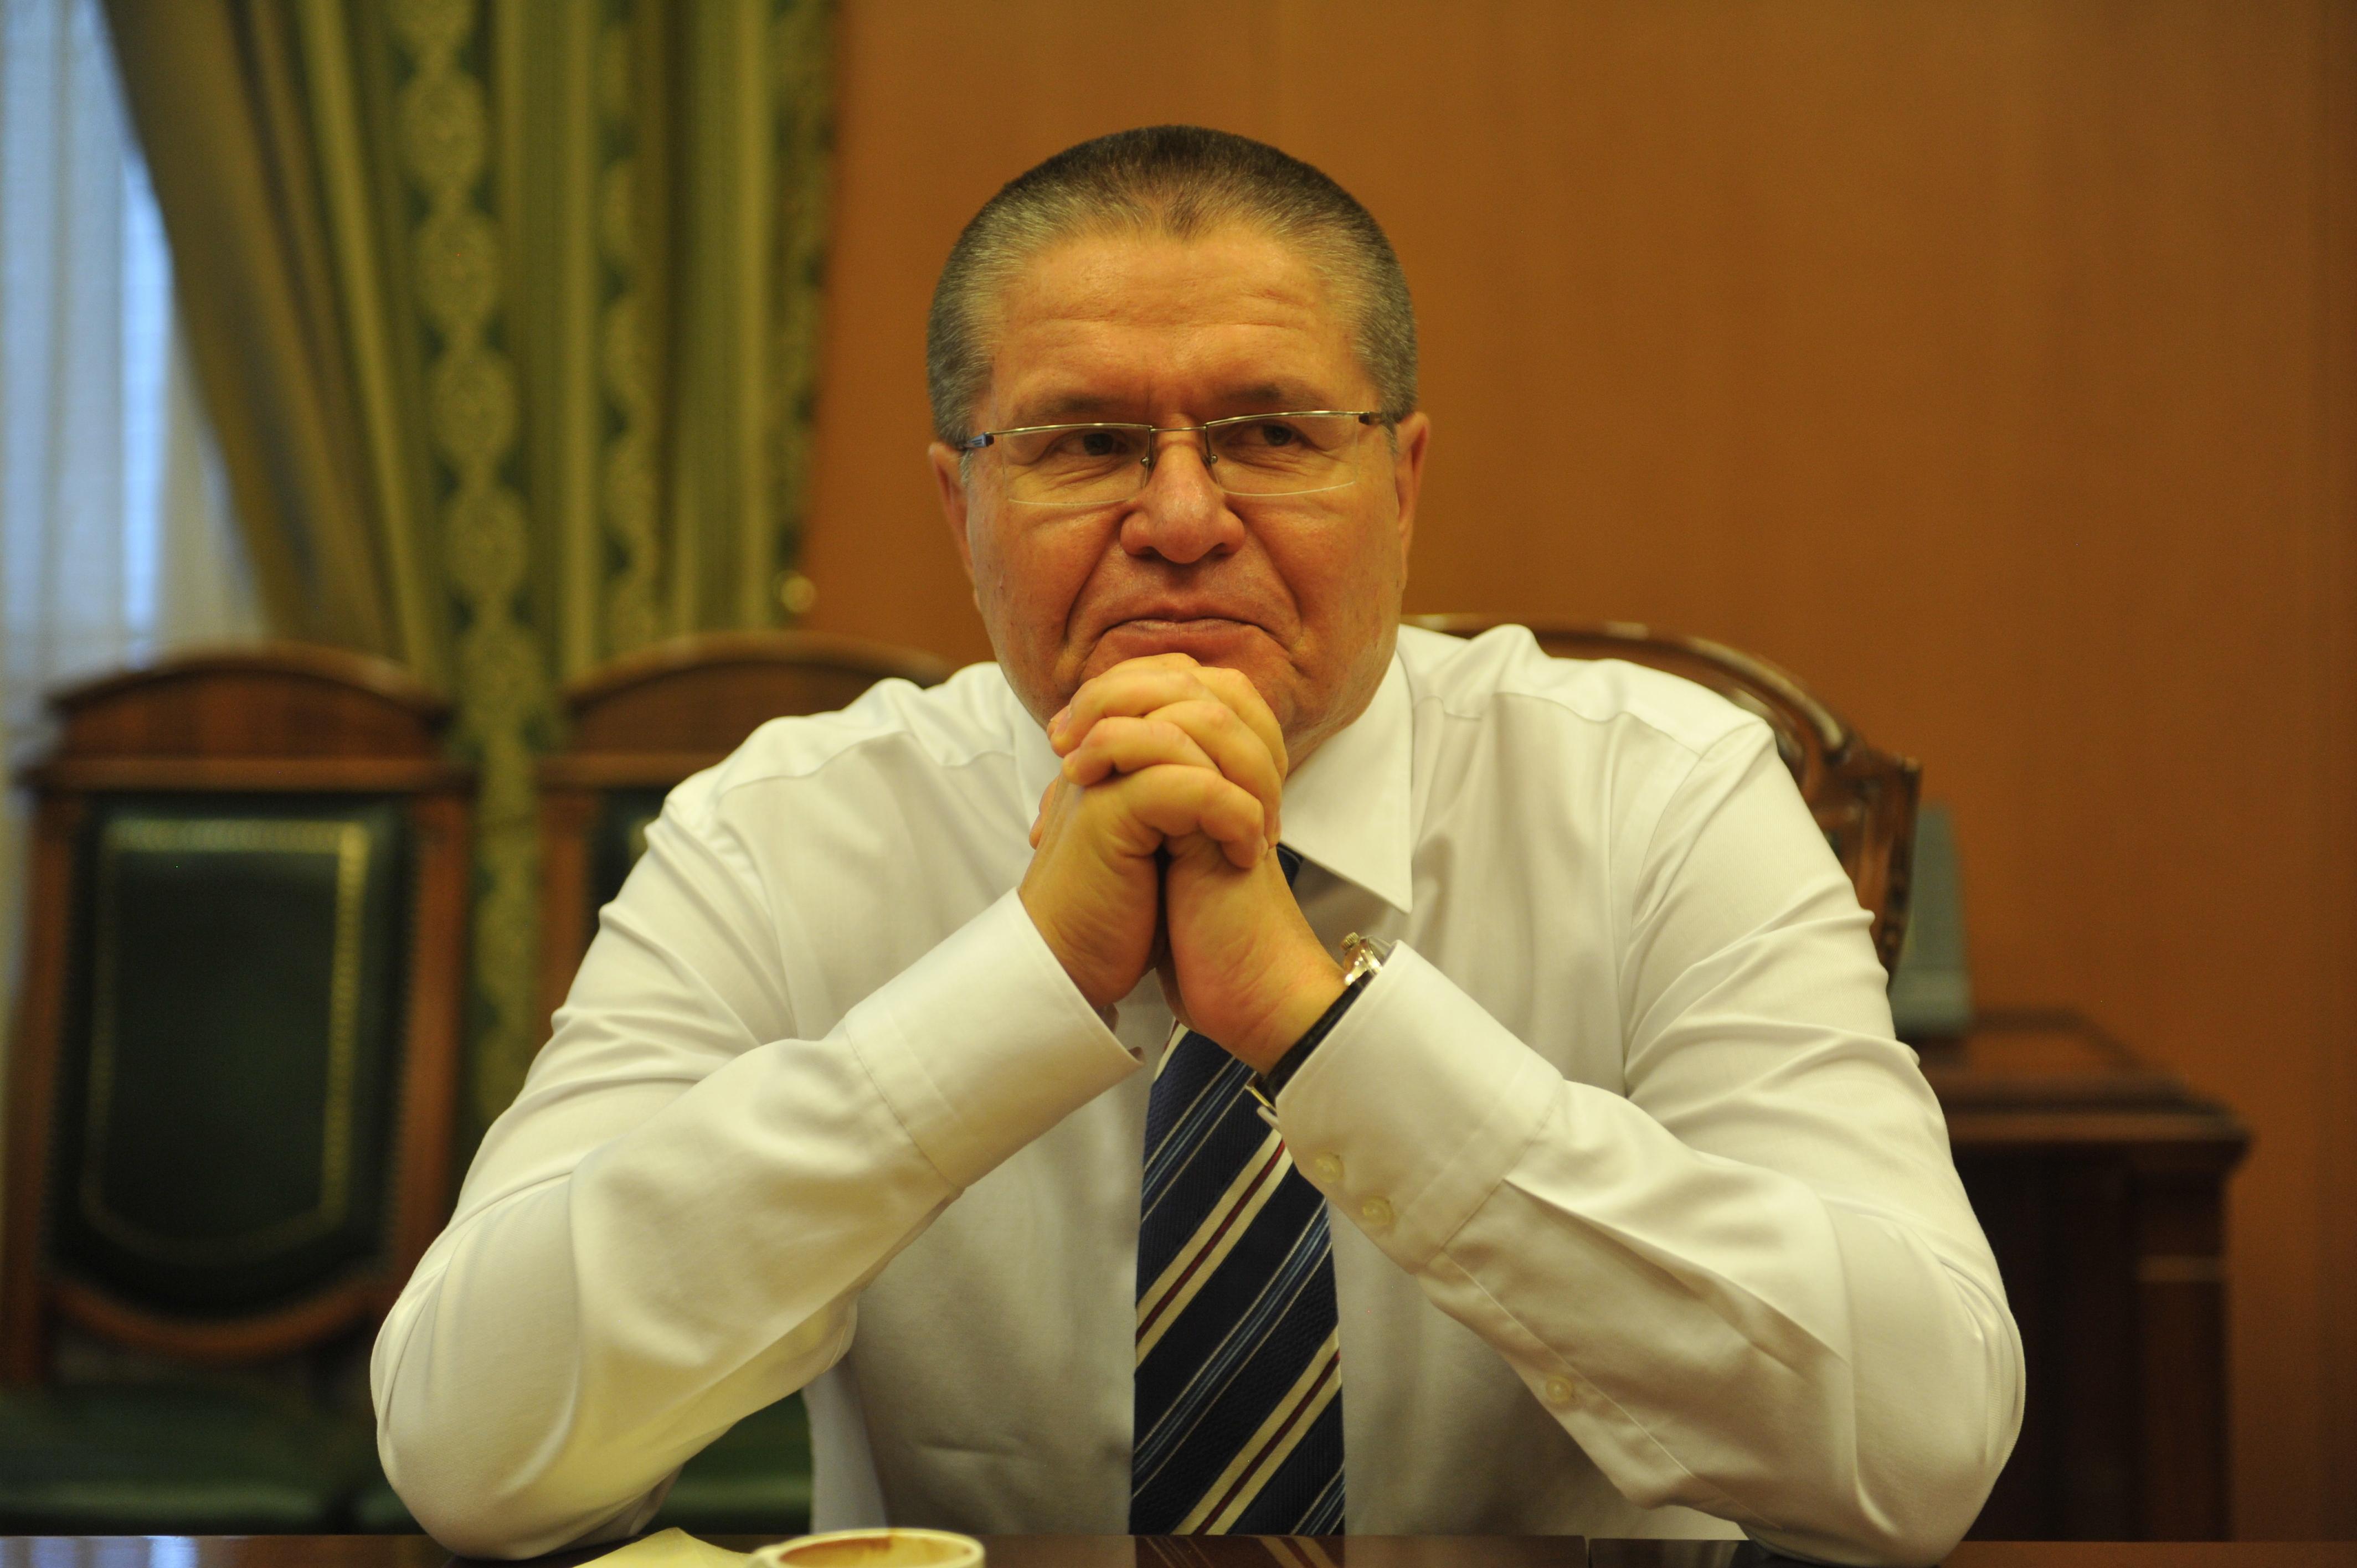 Cменщику Улюкаева сохранить министерство в нынешнем виде будет непросто. Если он, конечно, не предложит реальный способ победить кризис.